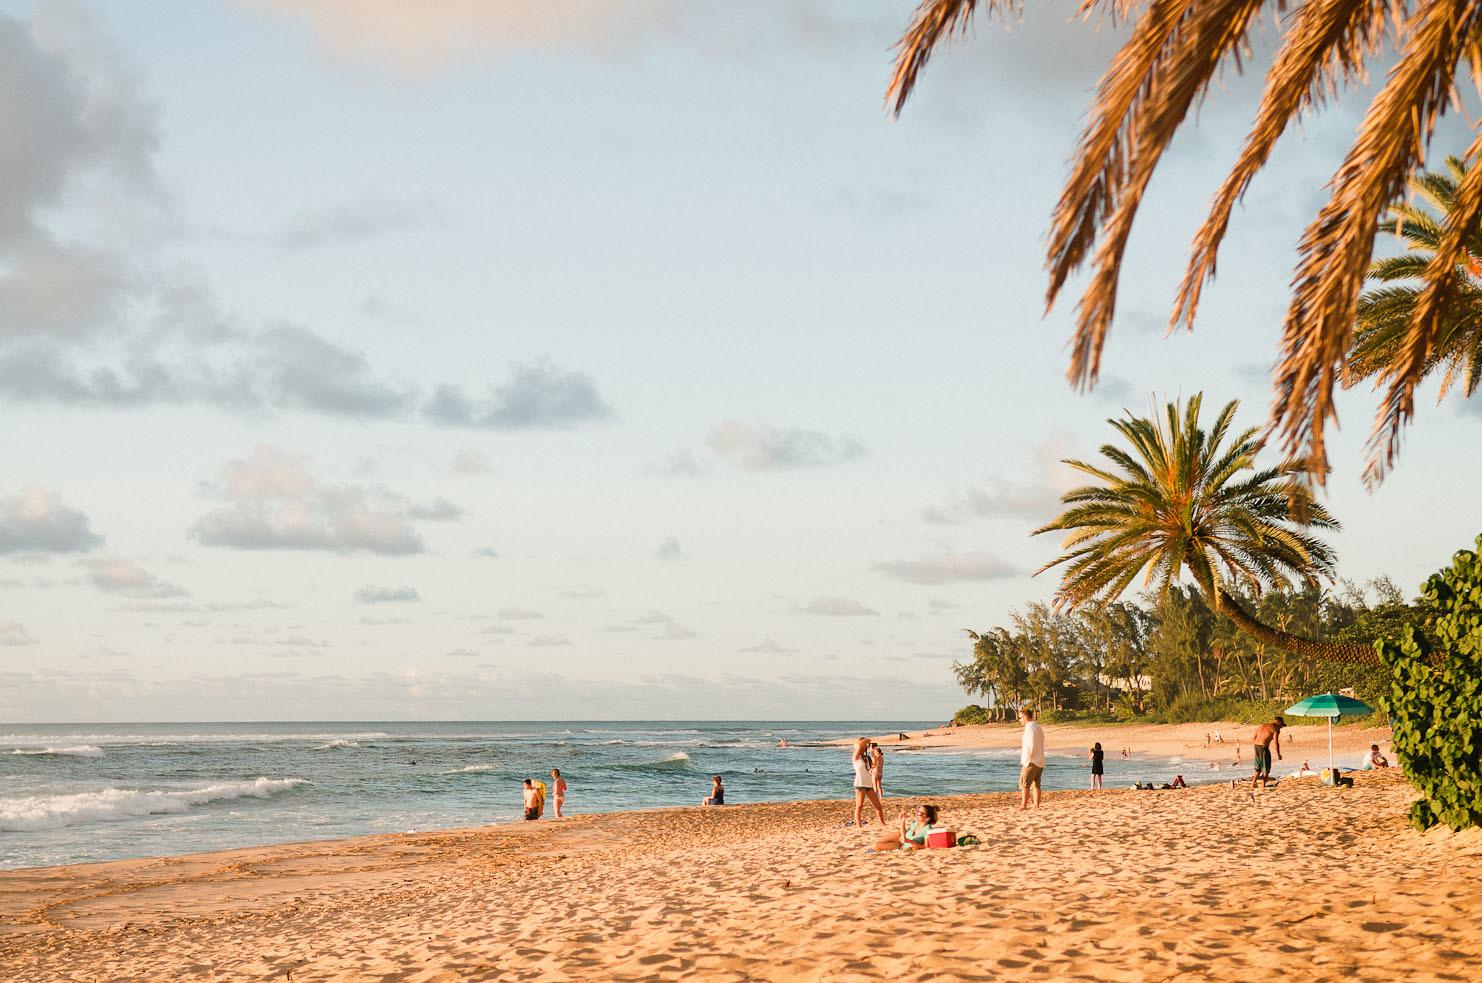 hawaii2013_52.jpg